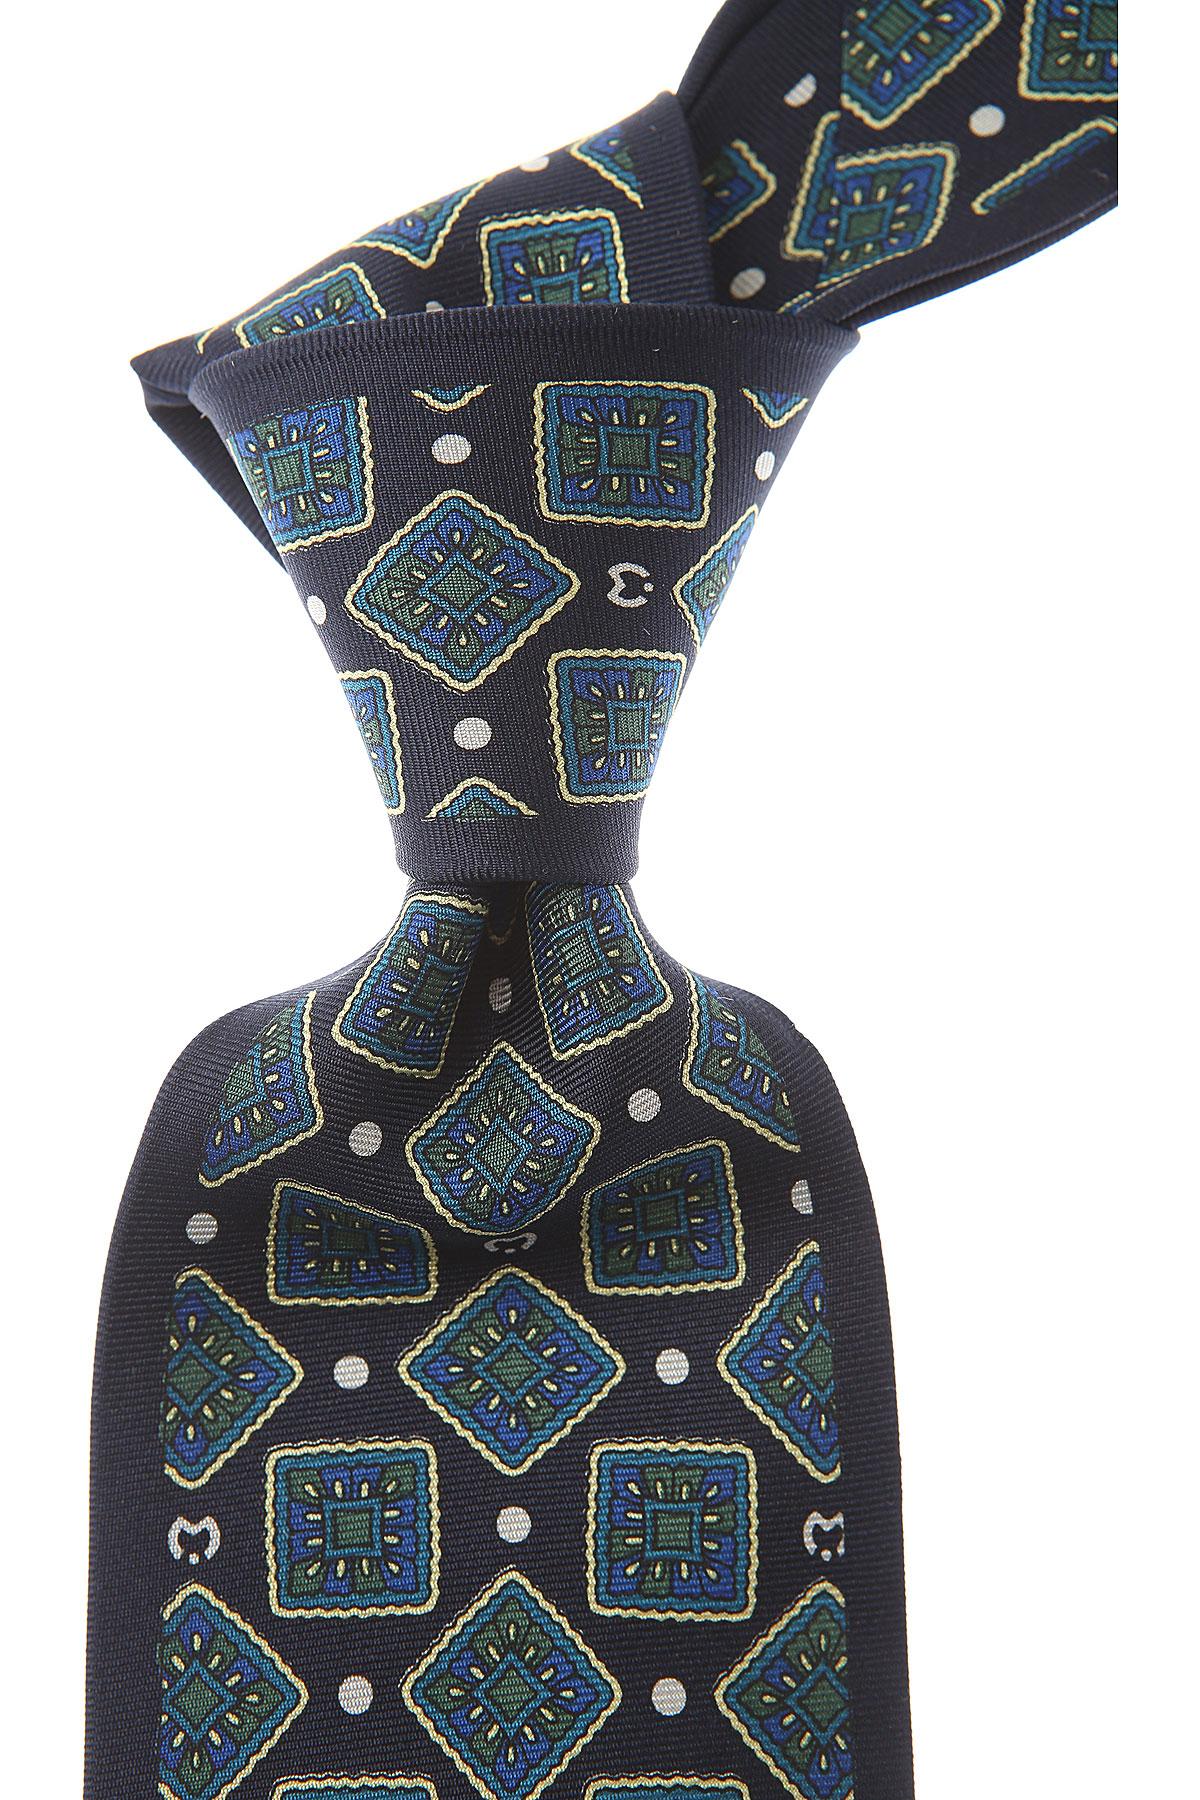 Mila Schön Cravates Pas cher en Soldes, Bleu nuit, Soie, 2019